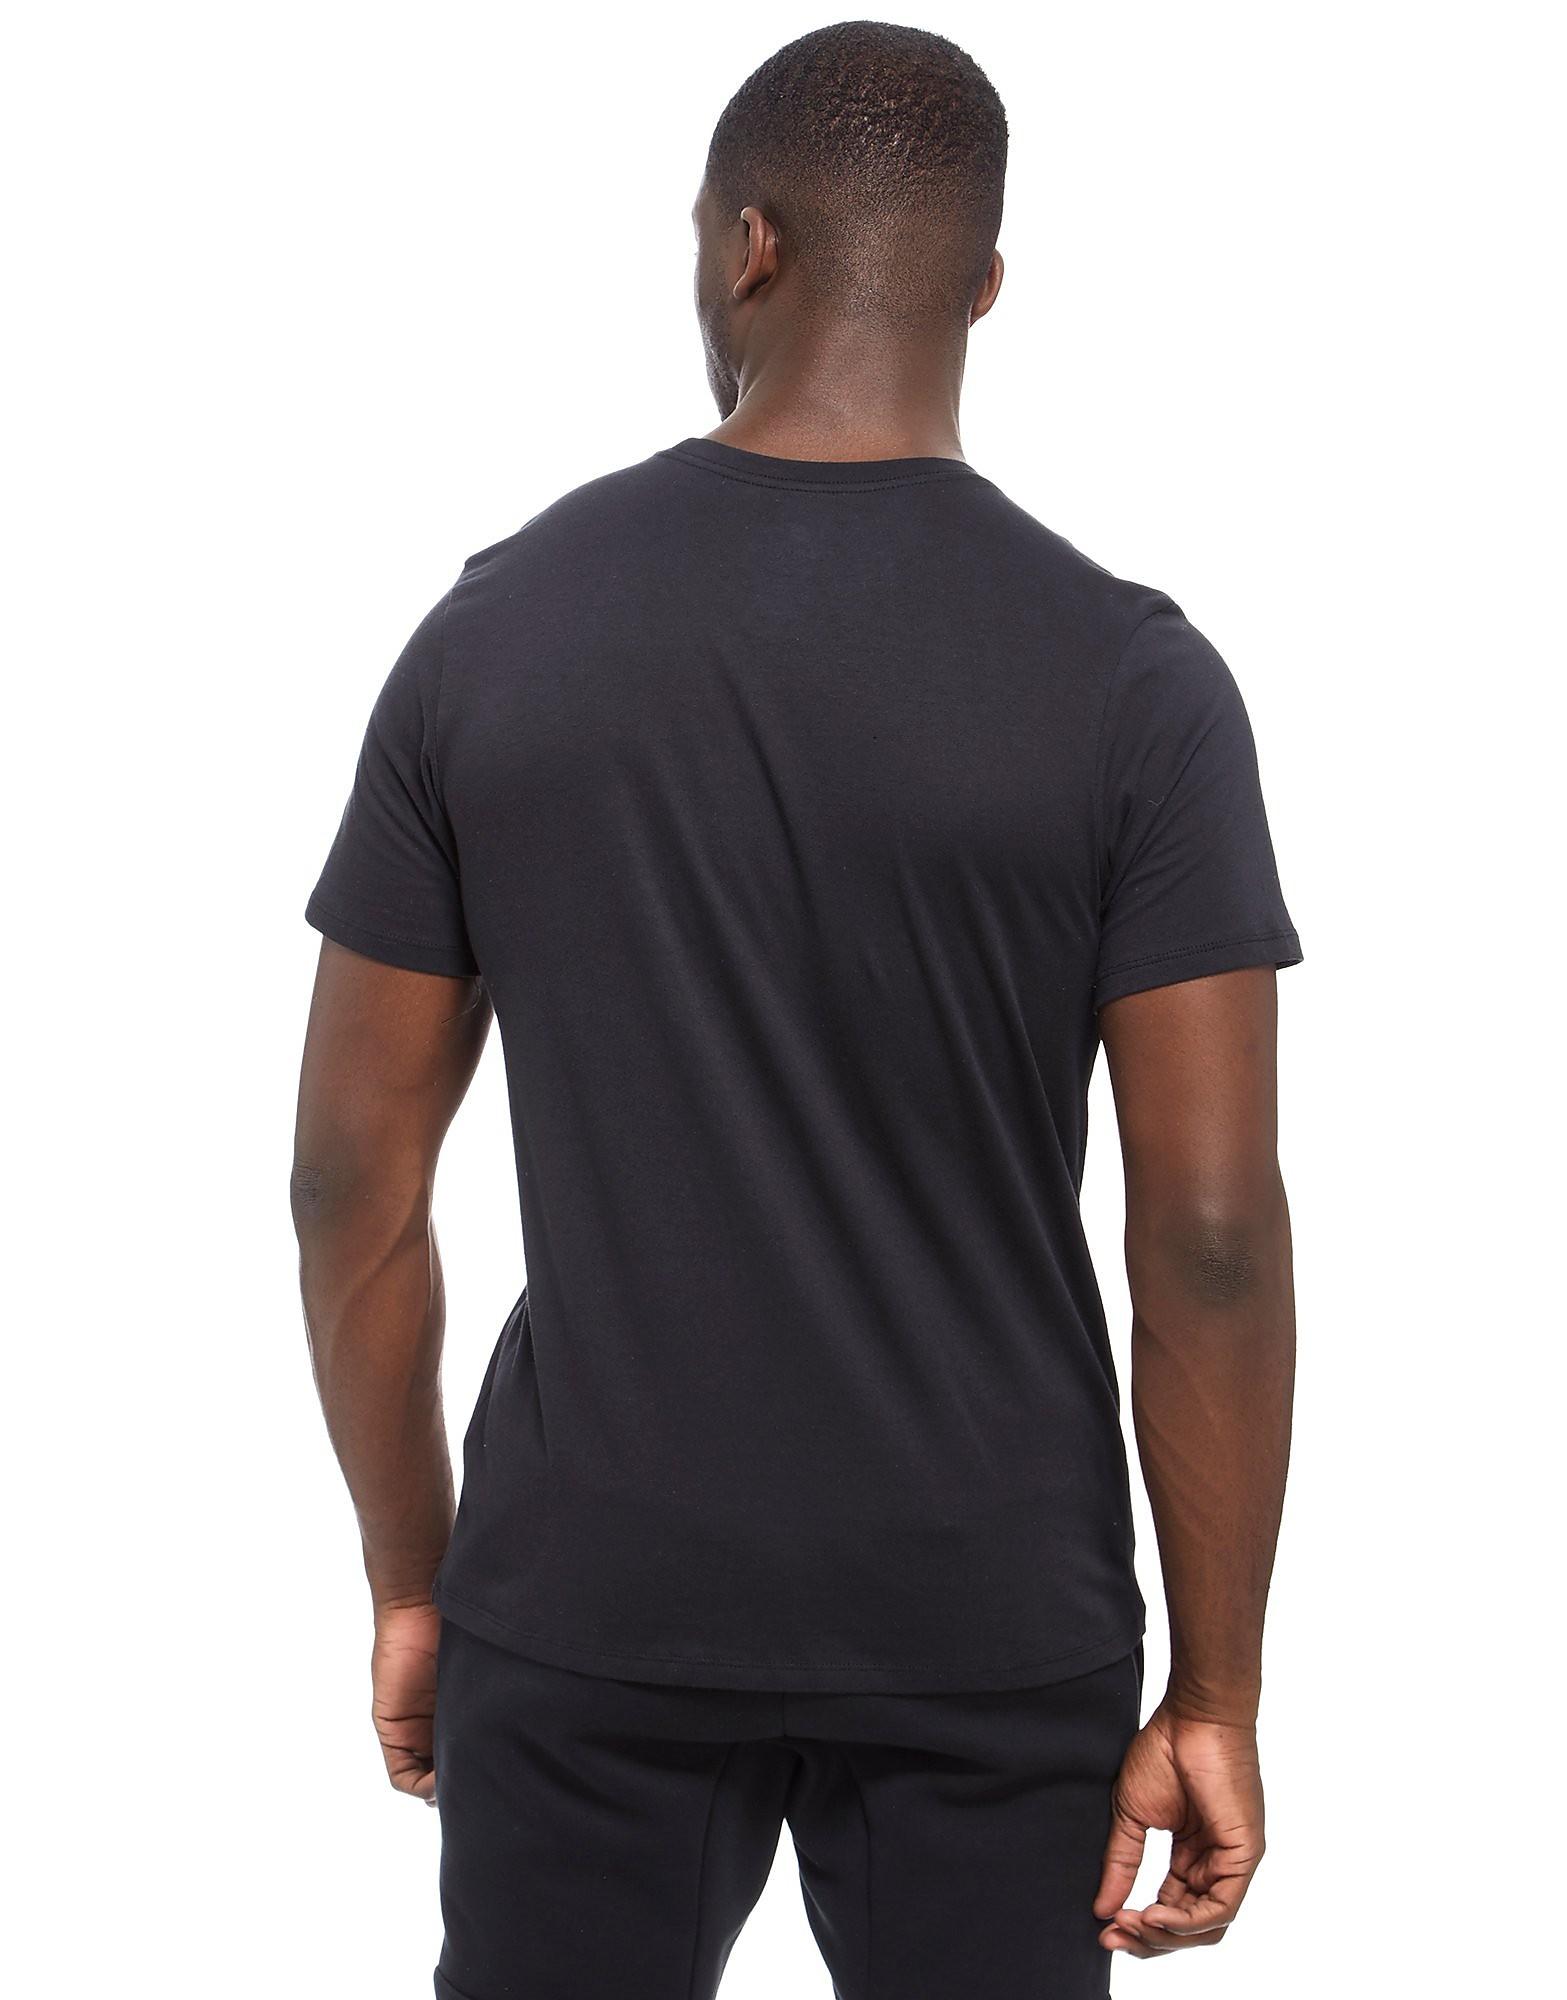 Nike camiseta Air Max 97